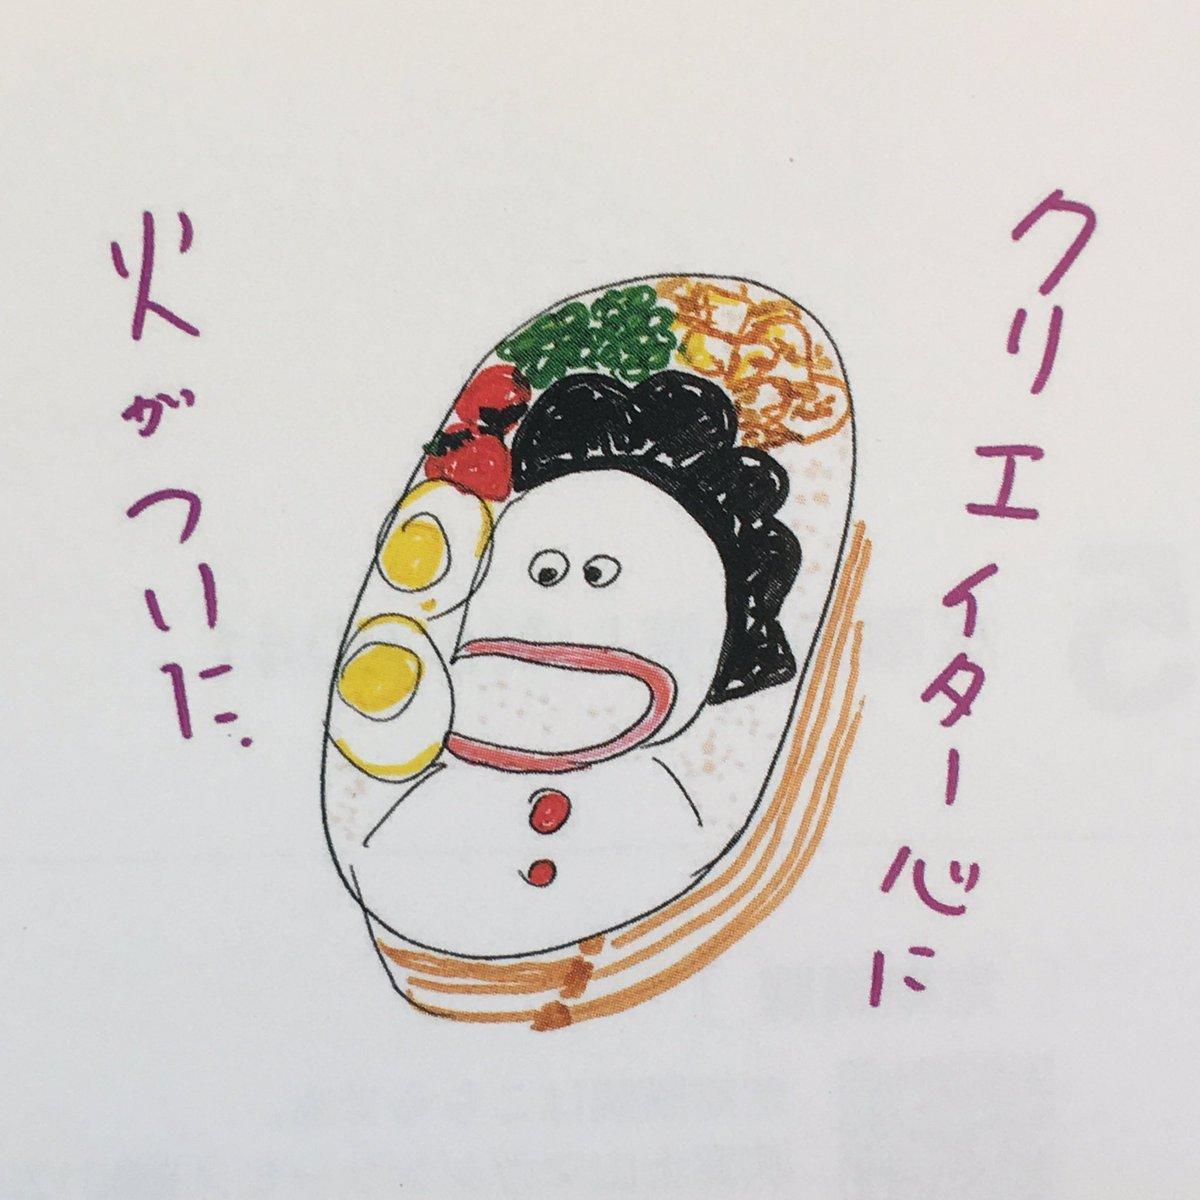 私は林真理子氏のエッセイが好きだ。Perfume表紙のan・an106ページにも連載が載っており、‥「あたしンち」のコミ